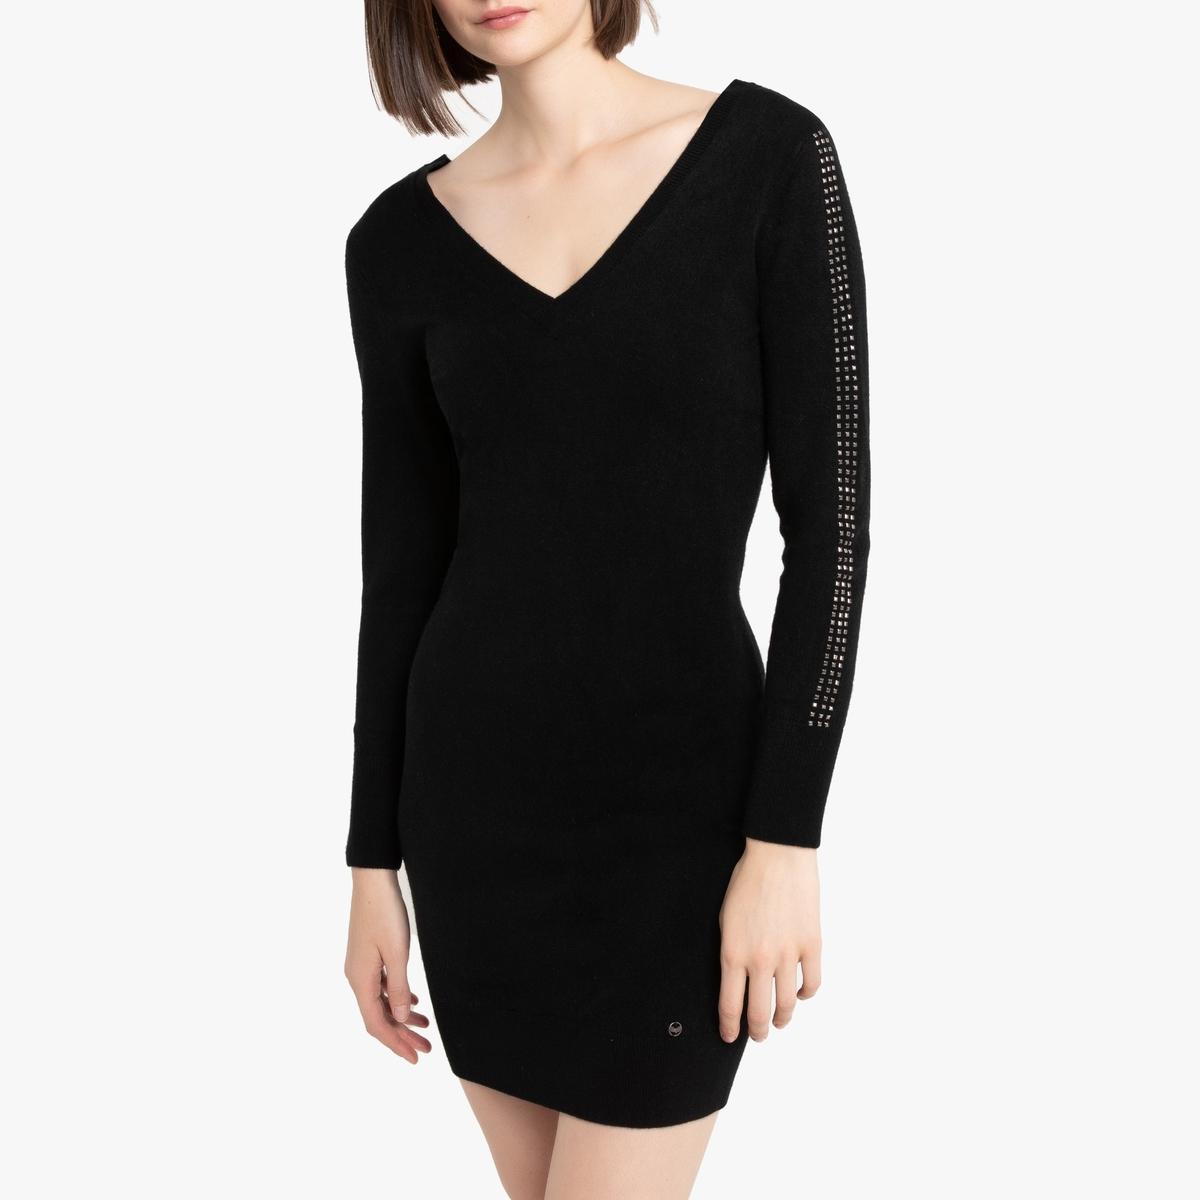 цена Платье La Redoute Облегающее с V-образным вырезом и глубоким вырезом сзади L черный онлайн в 2017 году